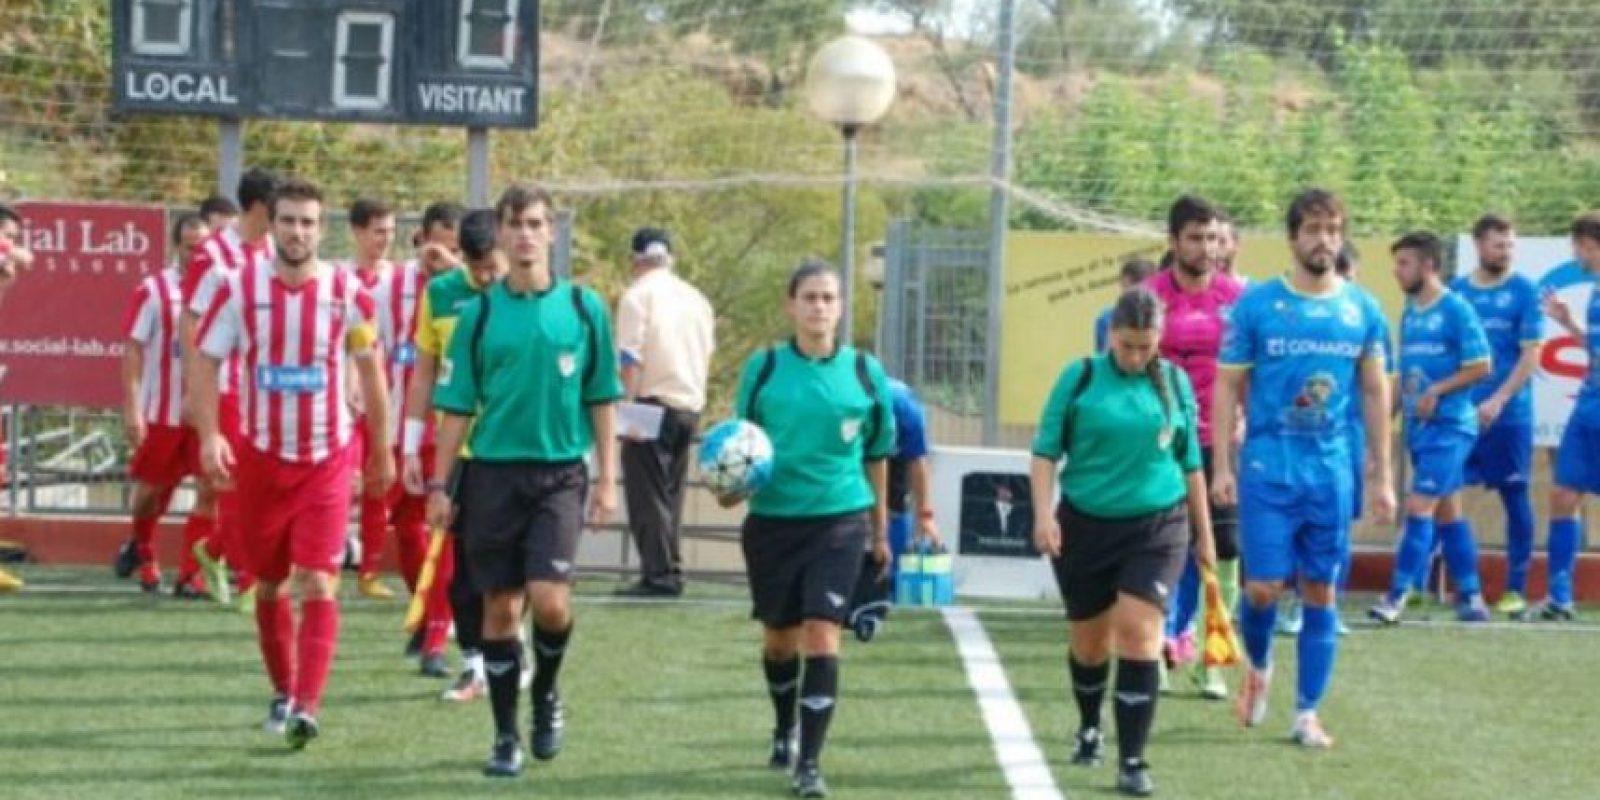 Marta Galego detuvo un partido en la Segunda Catalana, luego de que sufriera ofensas por un hincha Foto:Segunda B